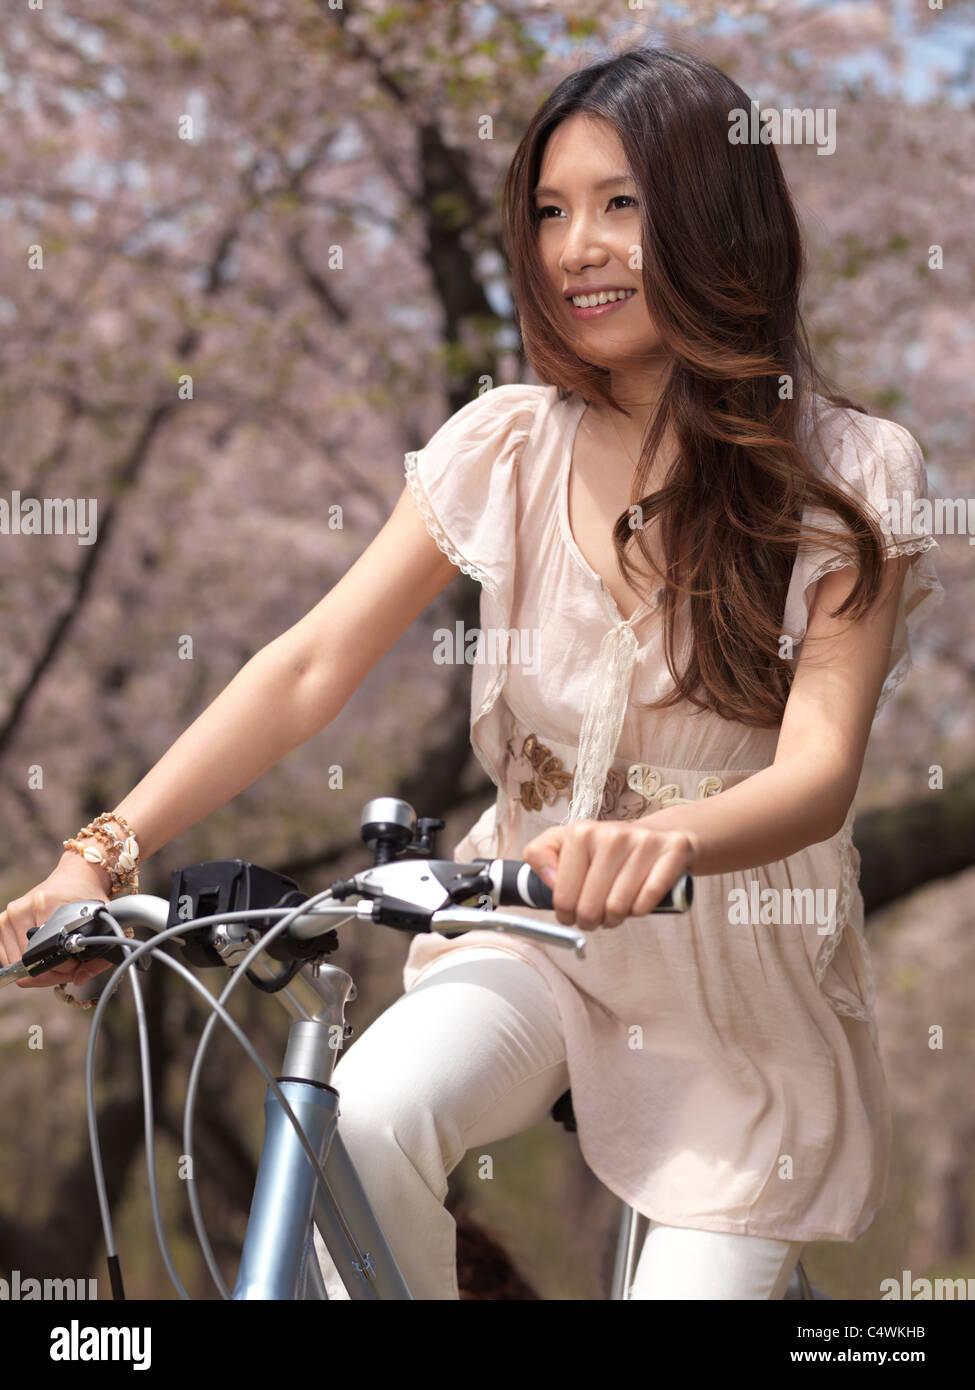 Sorridente giovane donna asiatica in sella ad una bicicletta in un parco passato ciliegi fioriti Immagini Stock